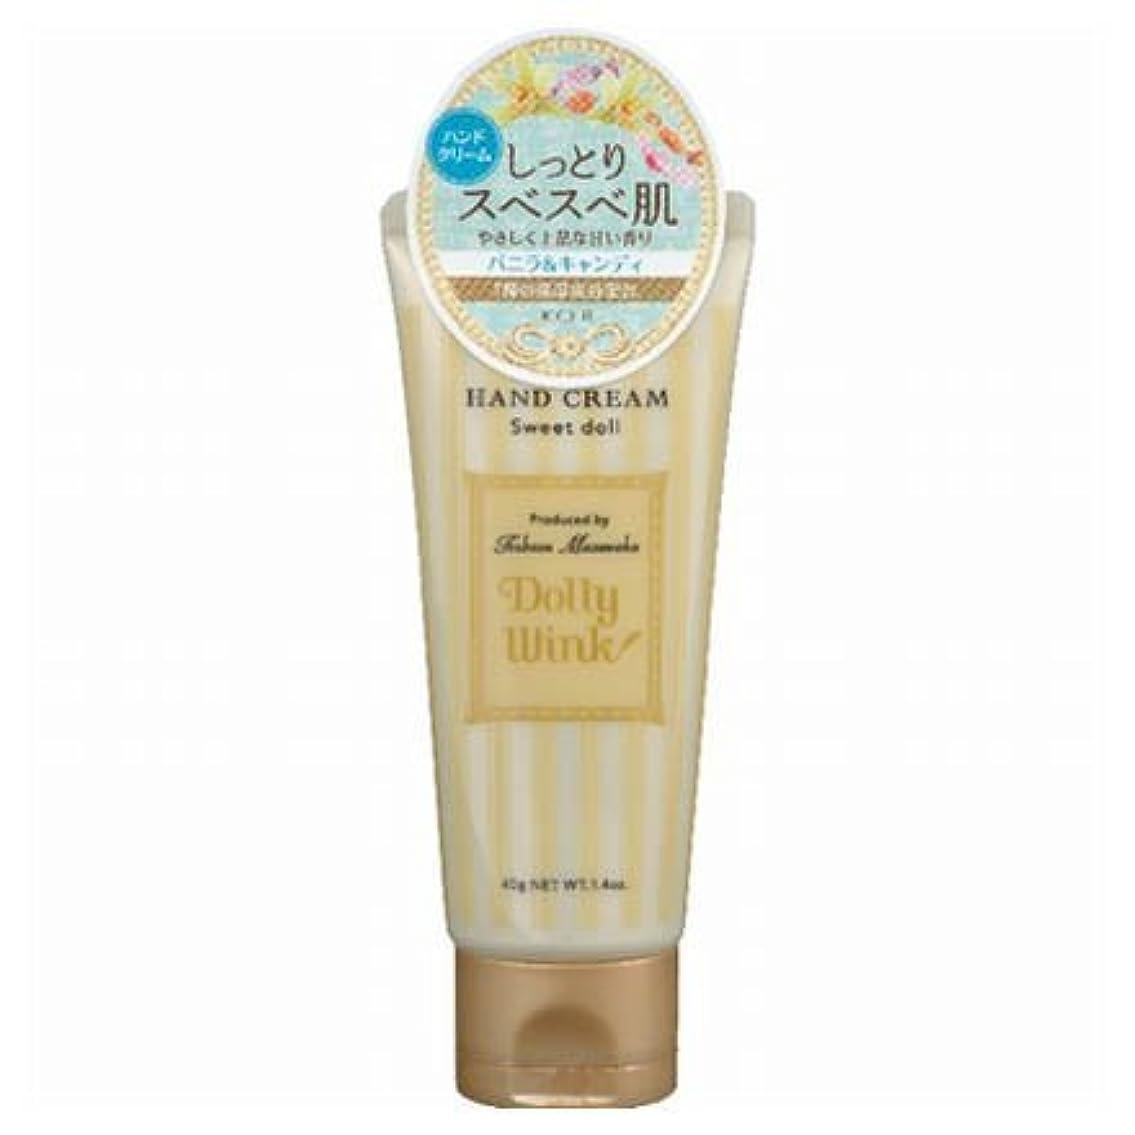 距離コマースベリードーリーウインク ハンドクリーム スイートドール バニラ&キャンディの香り 40g